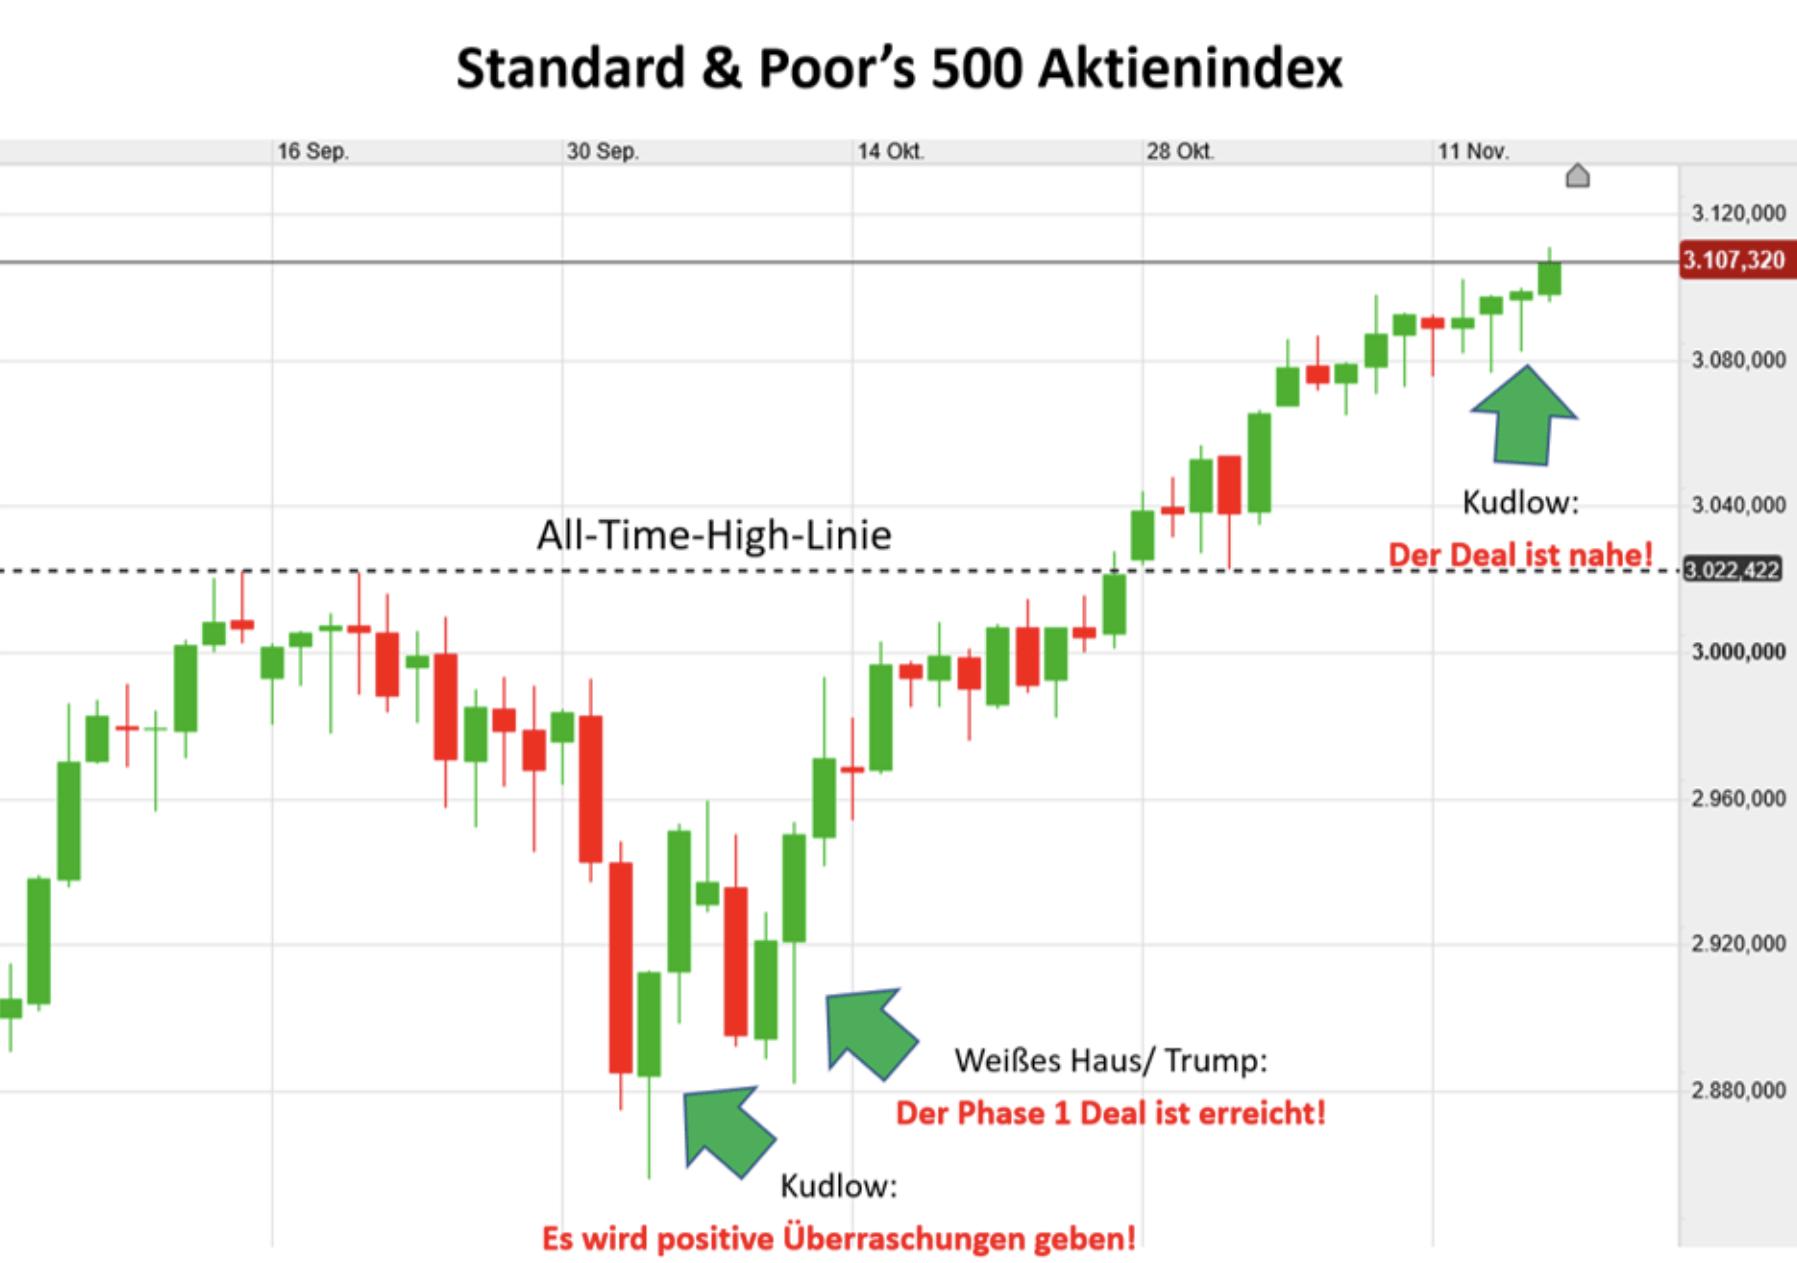 US-Aktienmarkt dargestellt im Kursverlauf des S&P 500